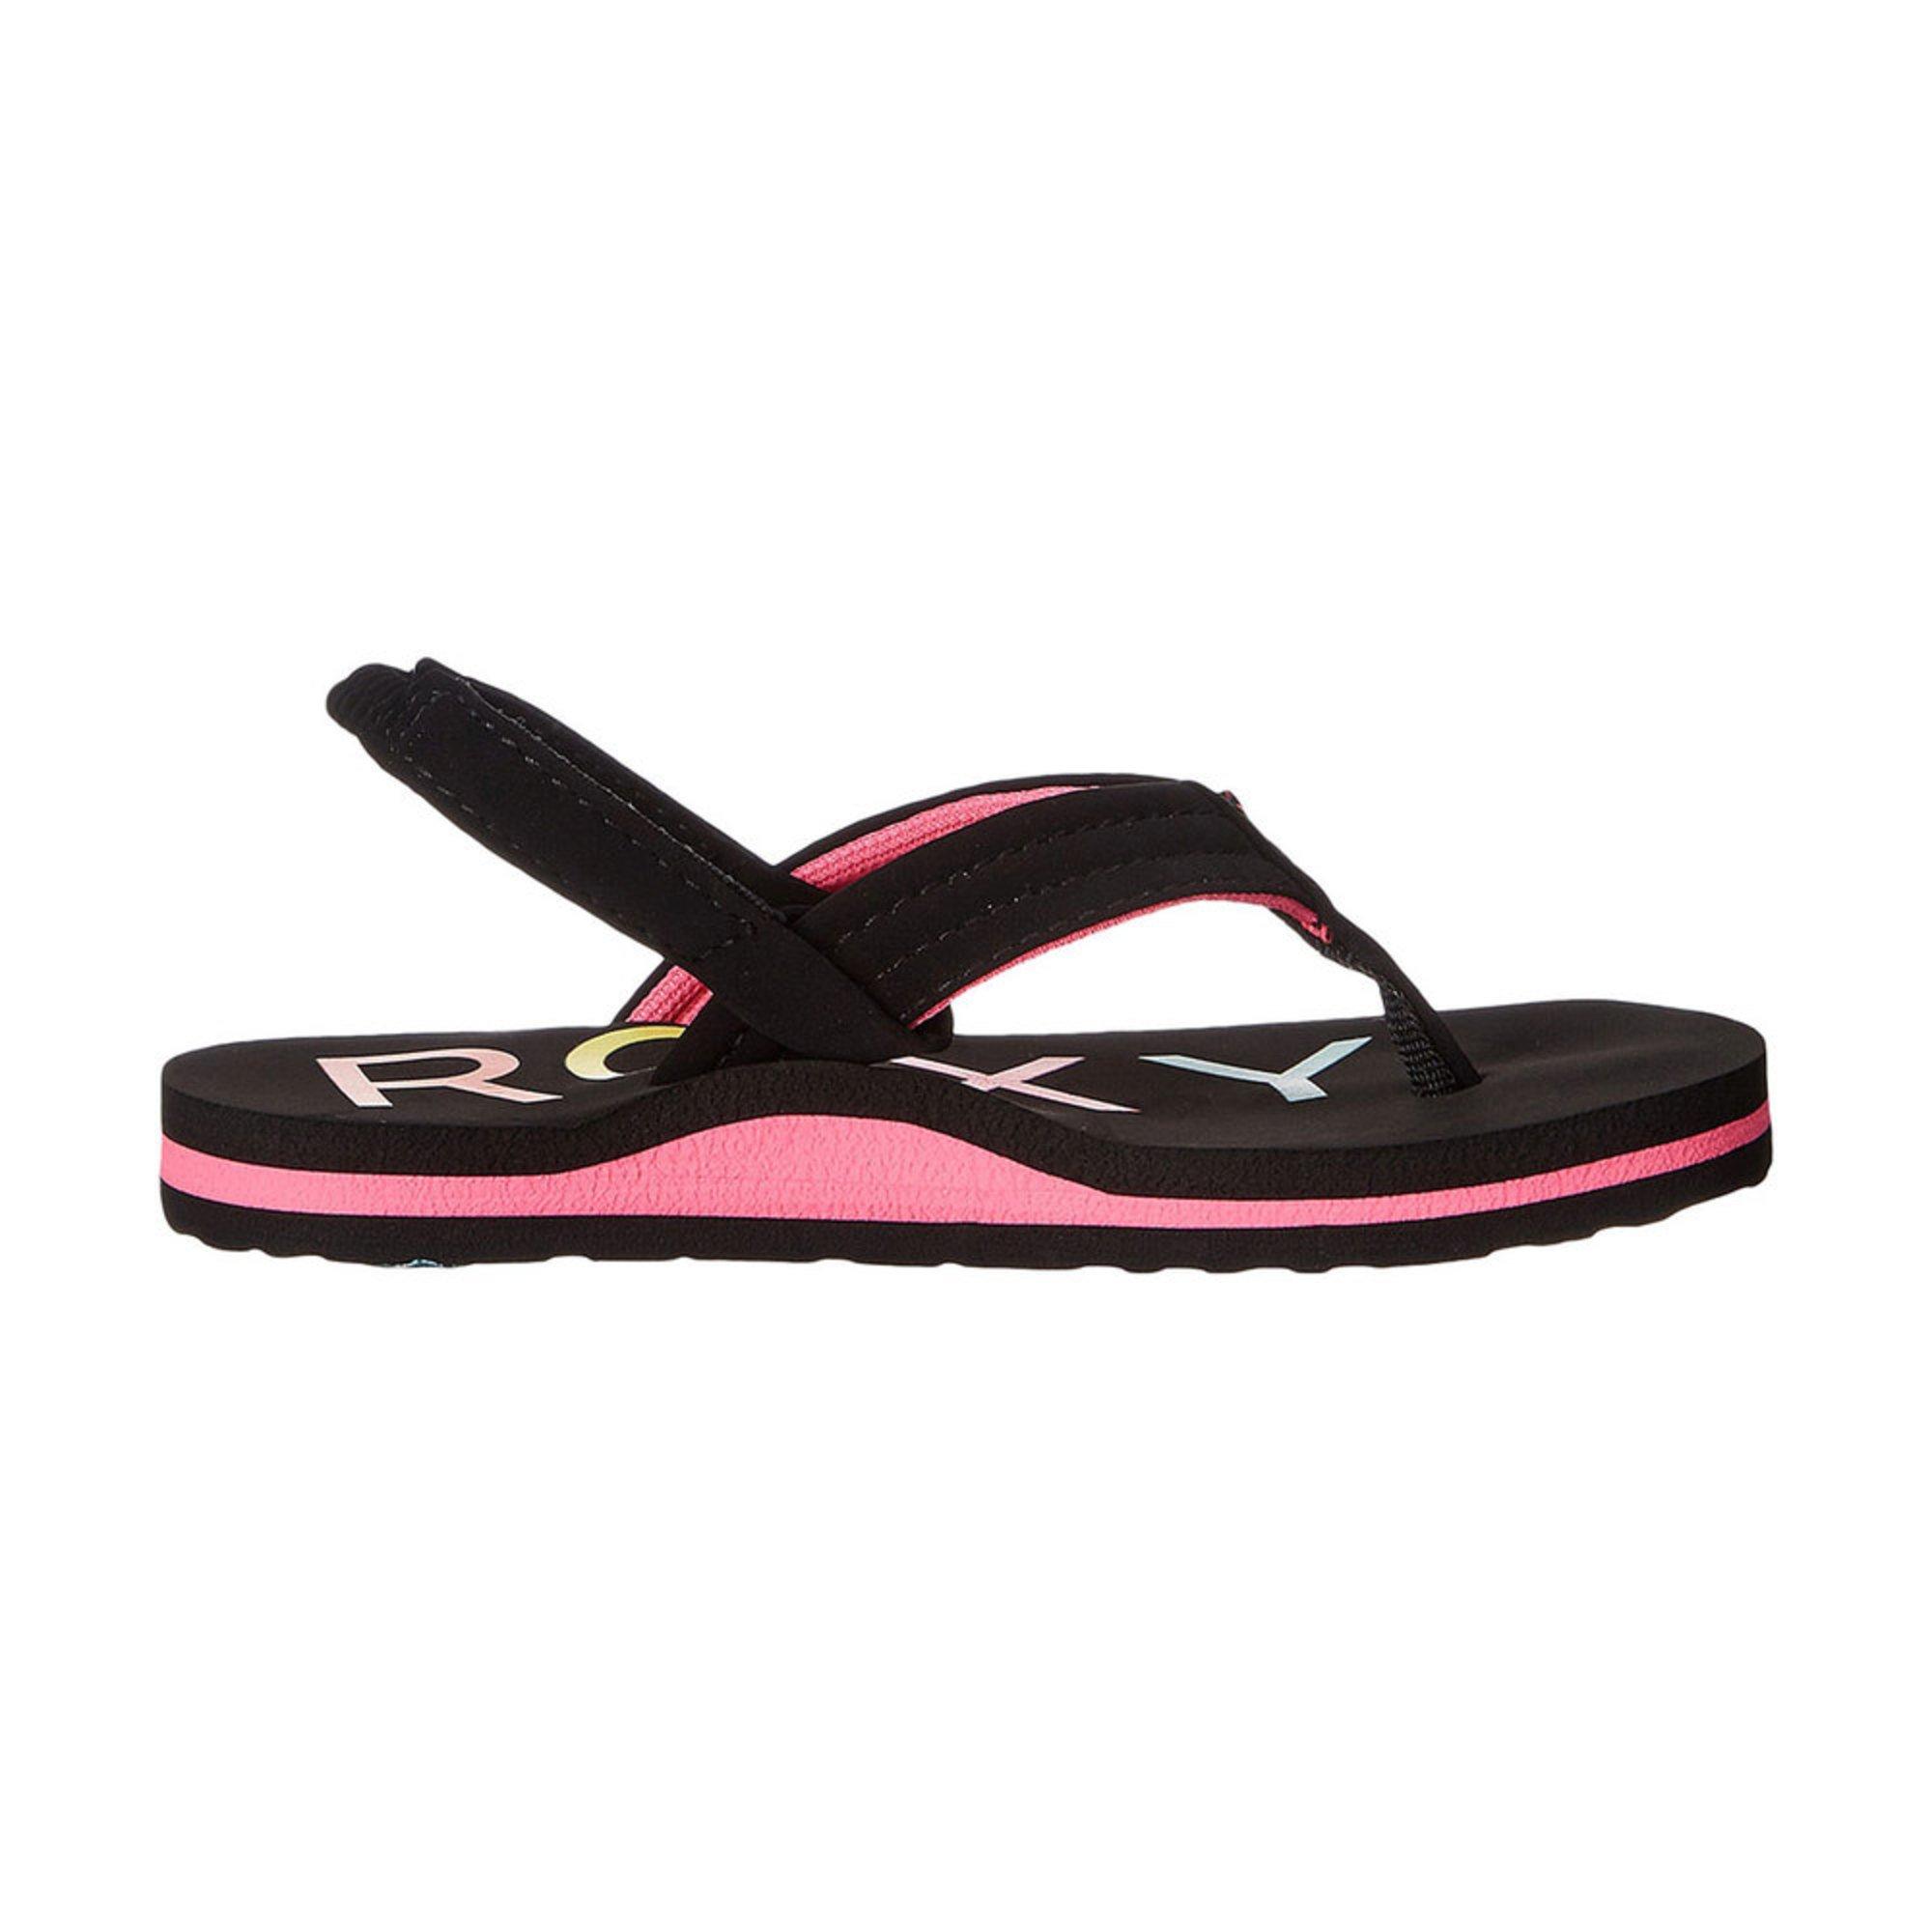 c9b51e33c Roxy Girls Vista Ii Sandal (toddler little Kid)